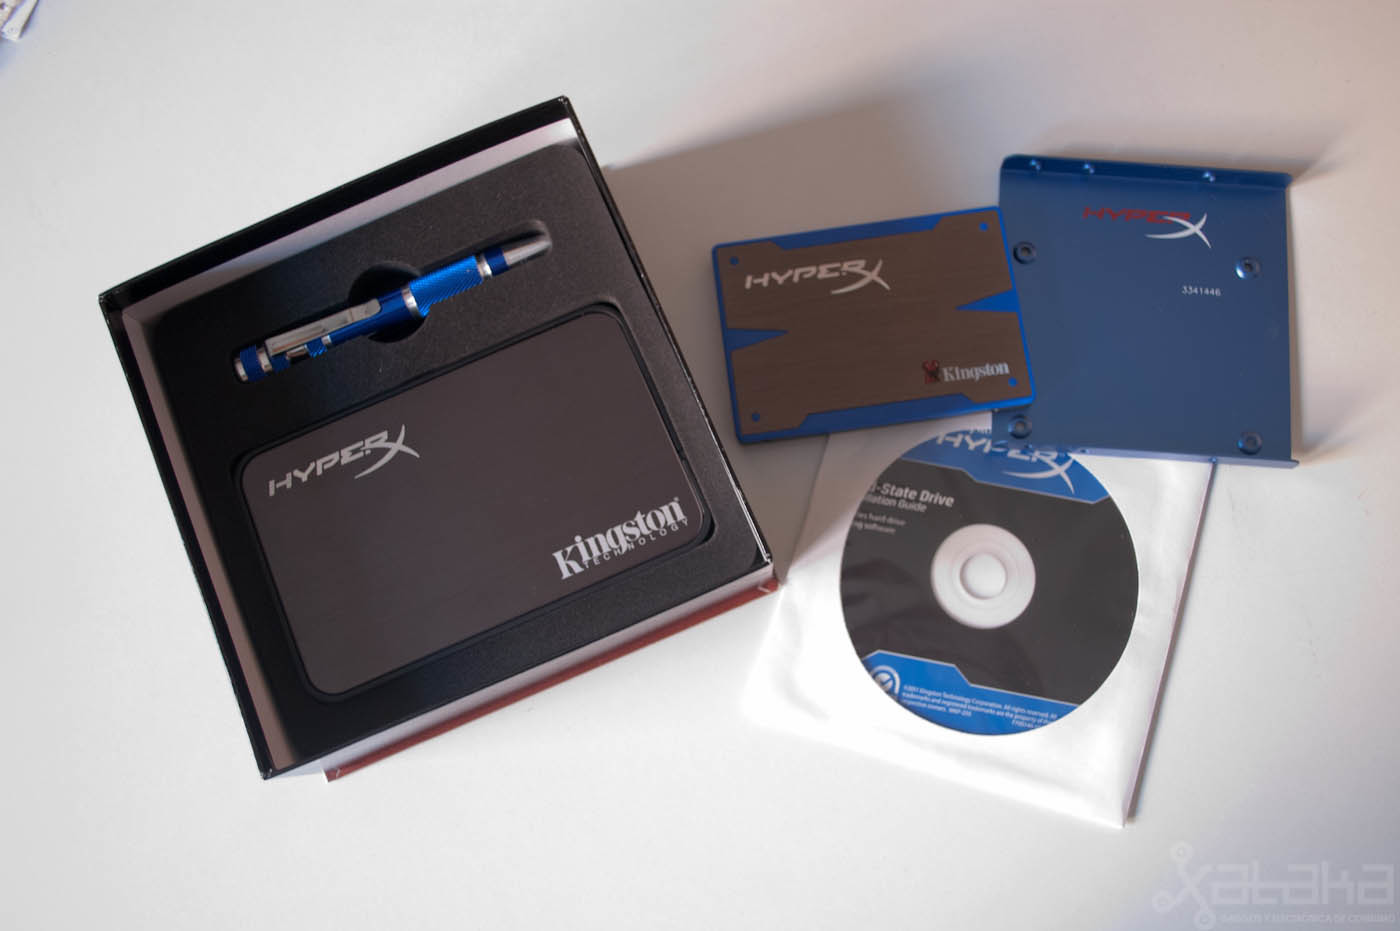 iKngston HyperX SSD, análisis